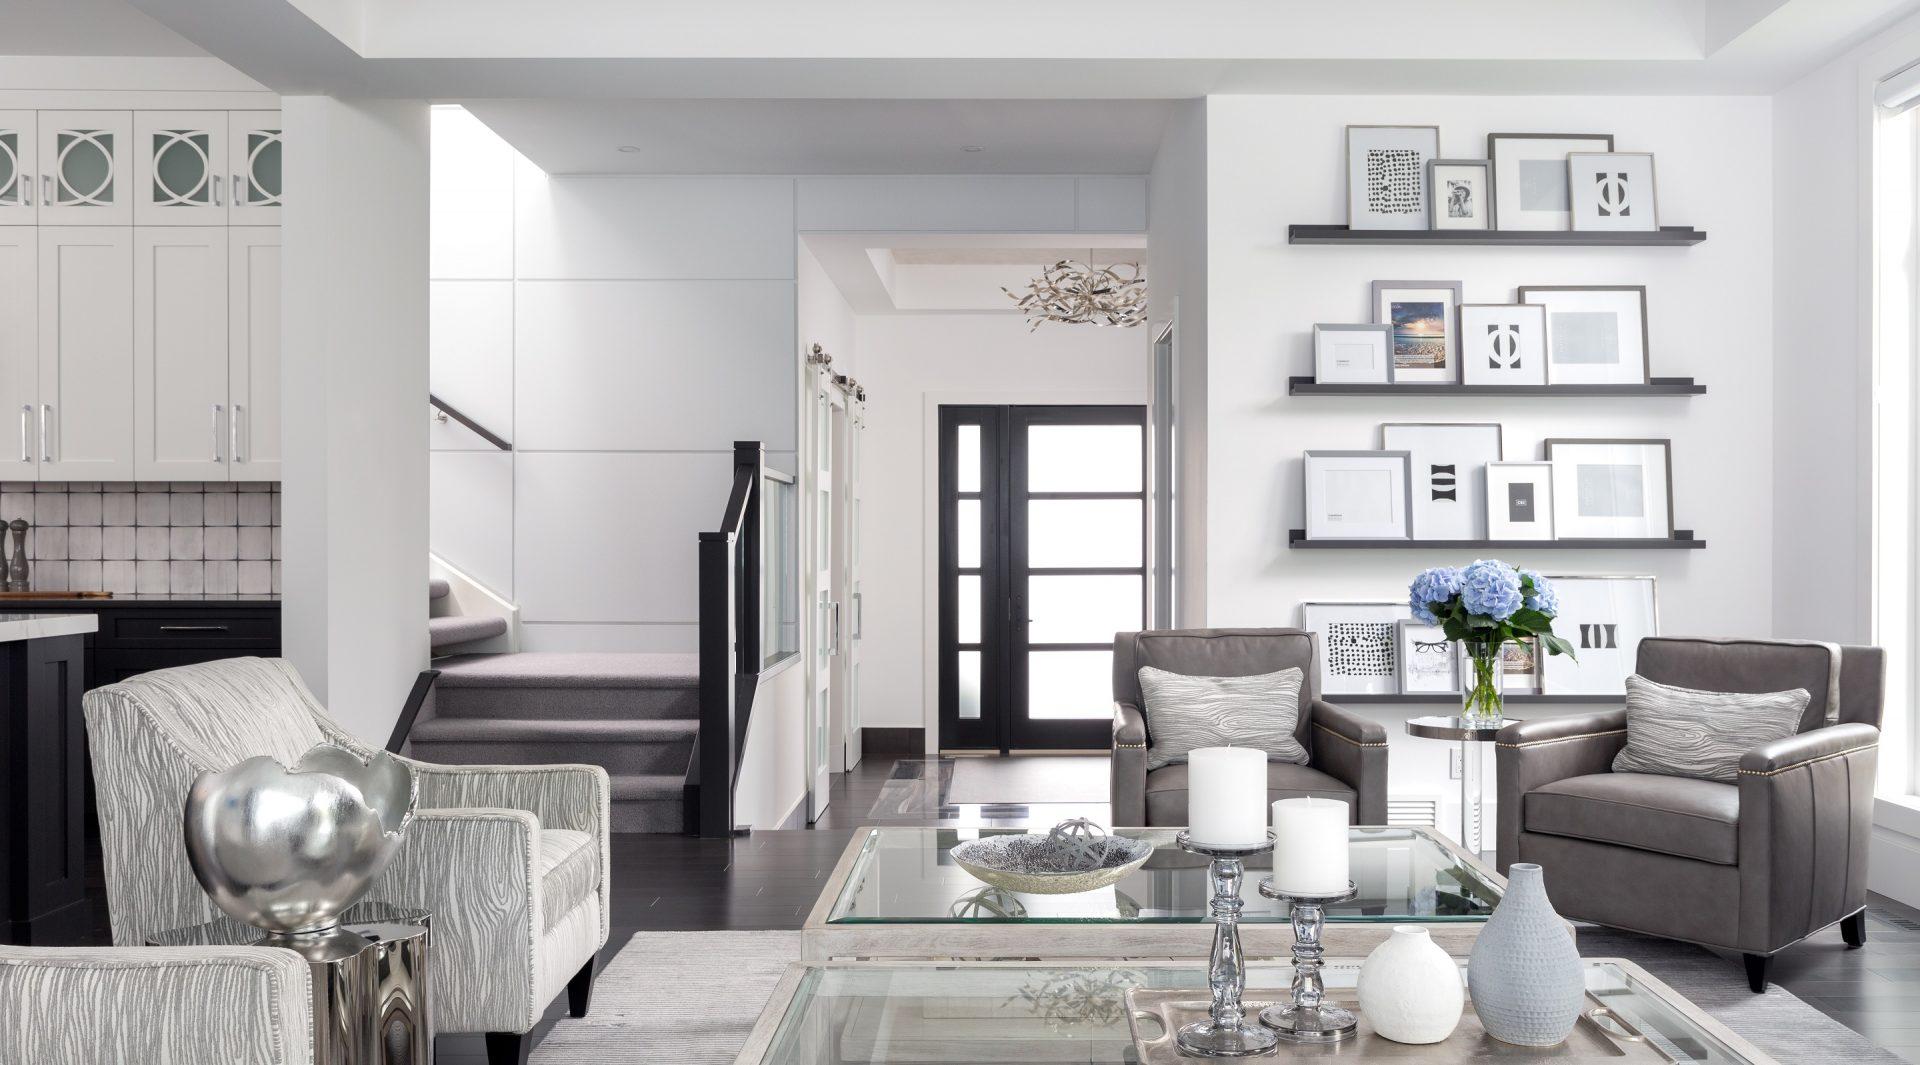 Avid Interior Design